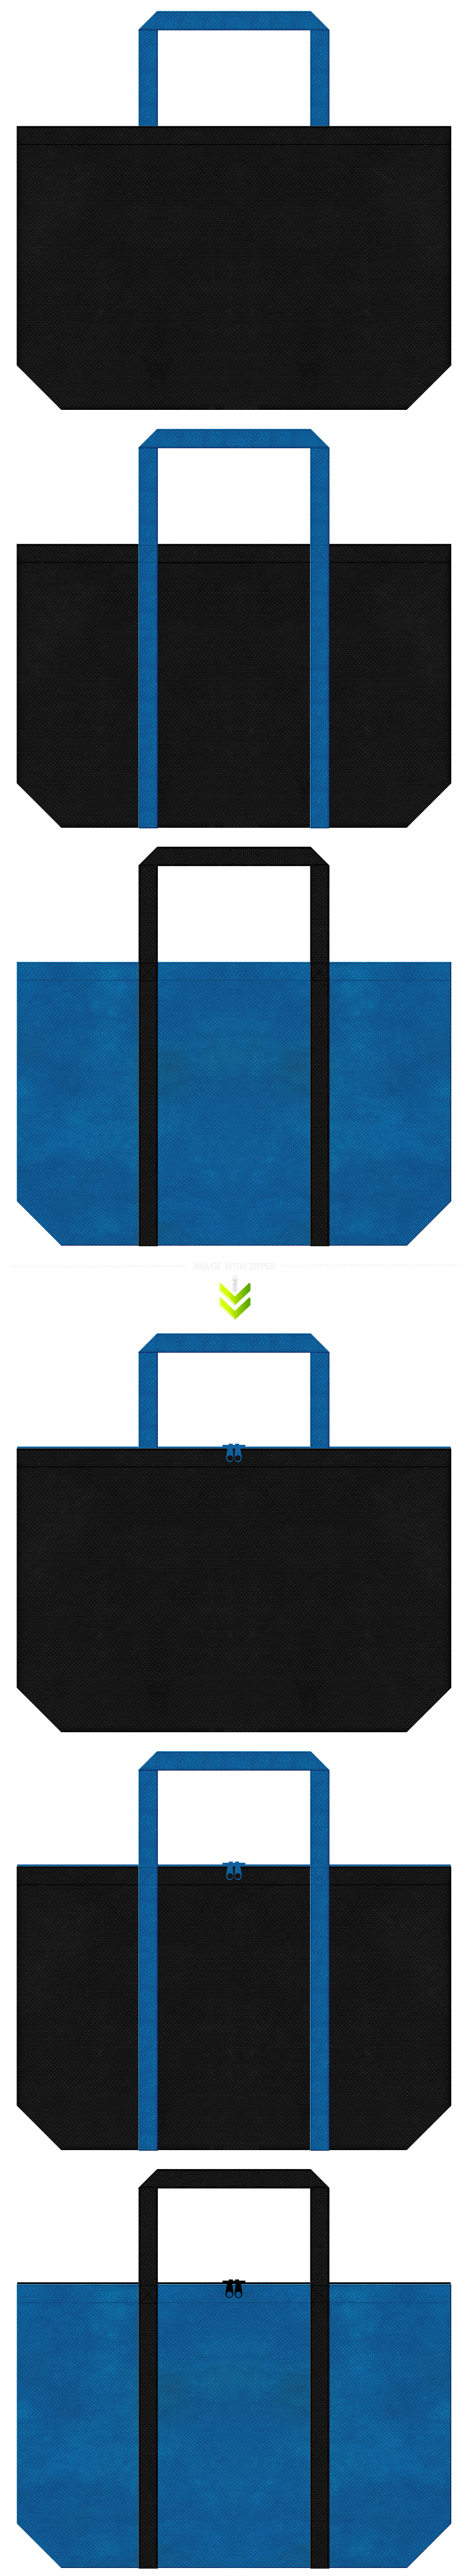 対戦型格闘ゲーム・情報セキュリティ・水素自動車・AI・LED照明・電子部品・ドライブレコーダー・カー用品の展示会用バッグにお奨めの不織布バッグデザイン:黒色と青色のコーデ